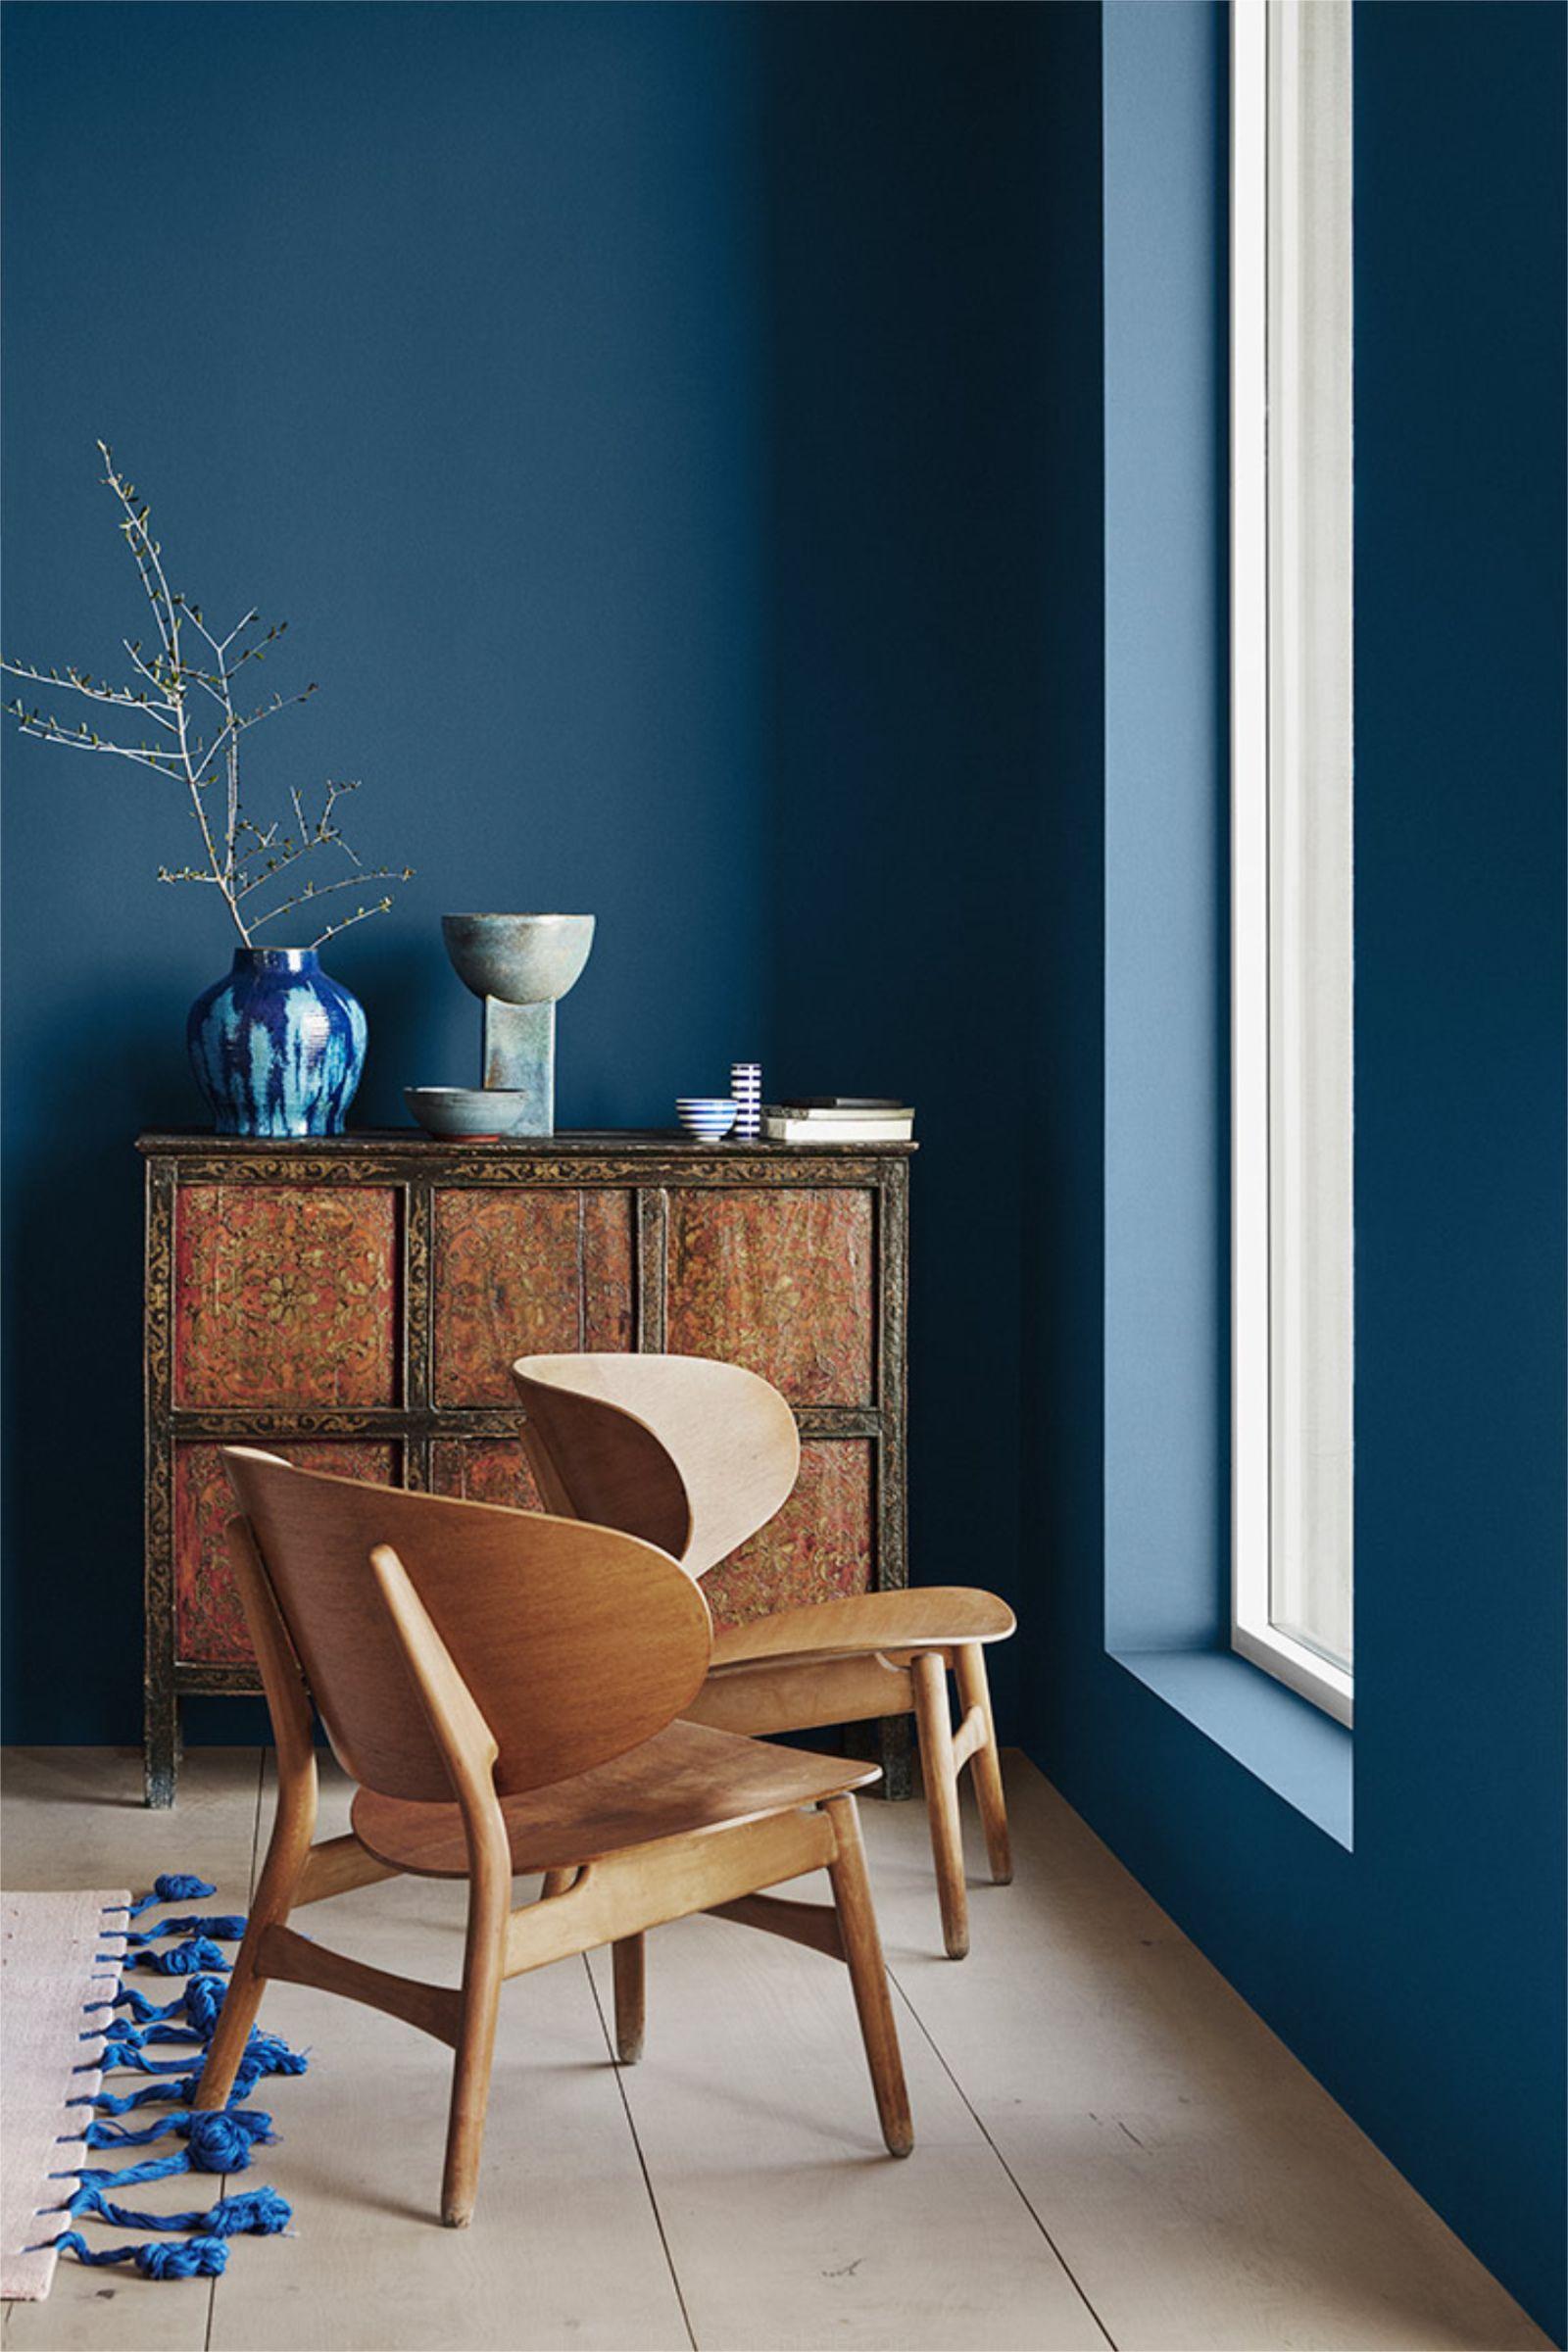 Die Skandinavischen Interior Colour Trends 2020 Von Jotun Lady Blue Interior Design Colorful Interiors Blue Interior